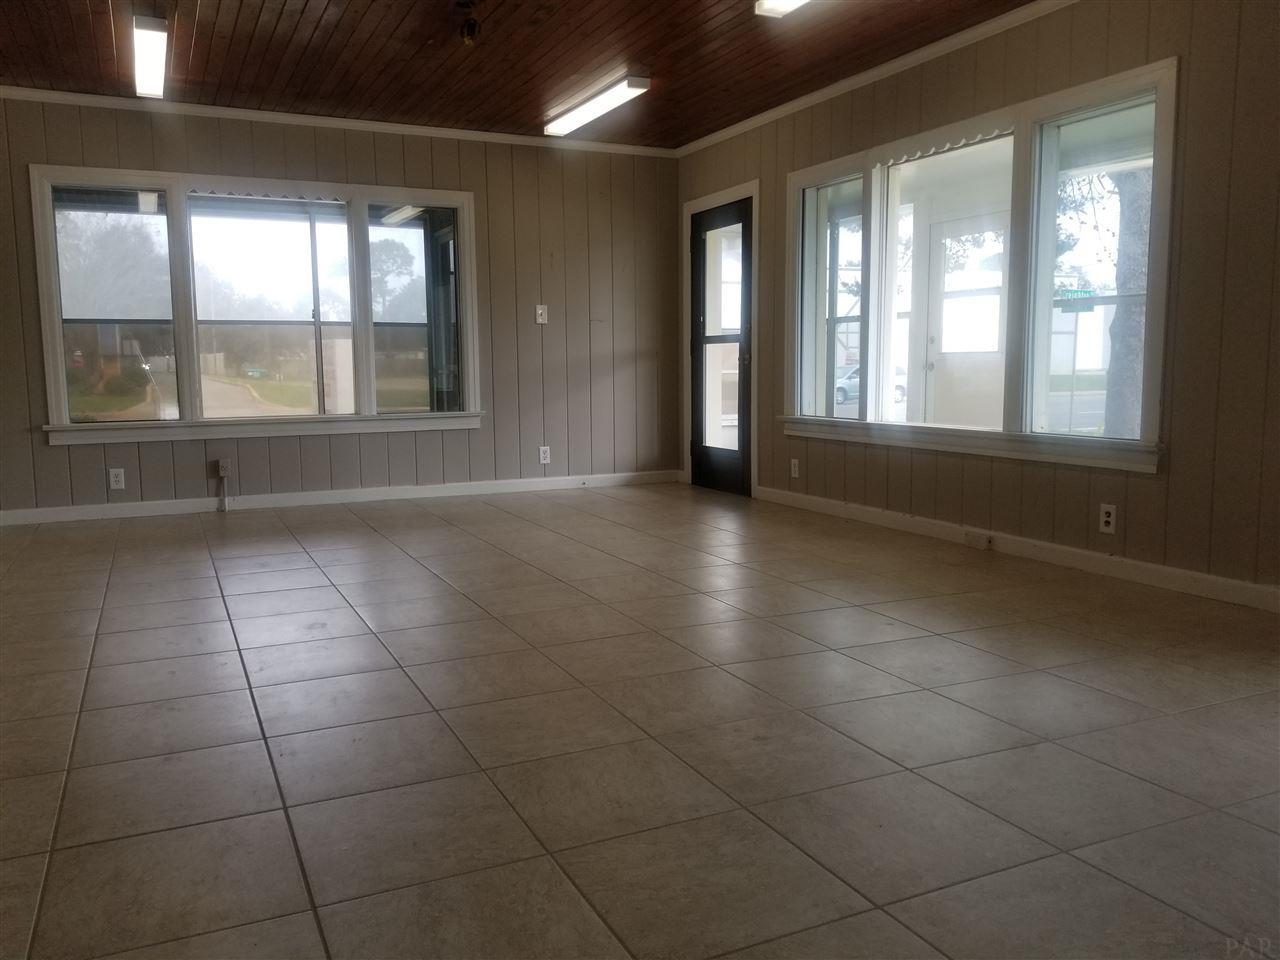 1497 Creighton Rd, Pensacola, FL 32504